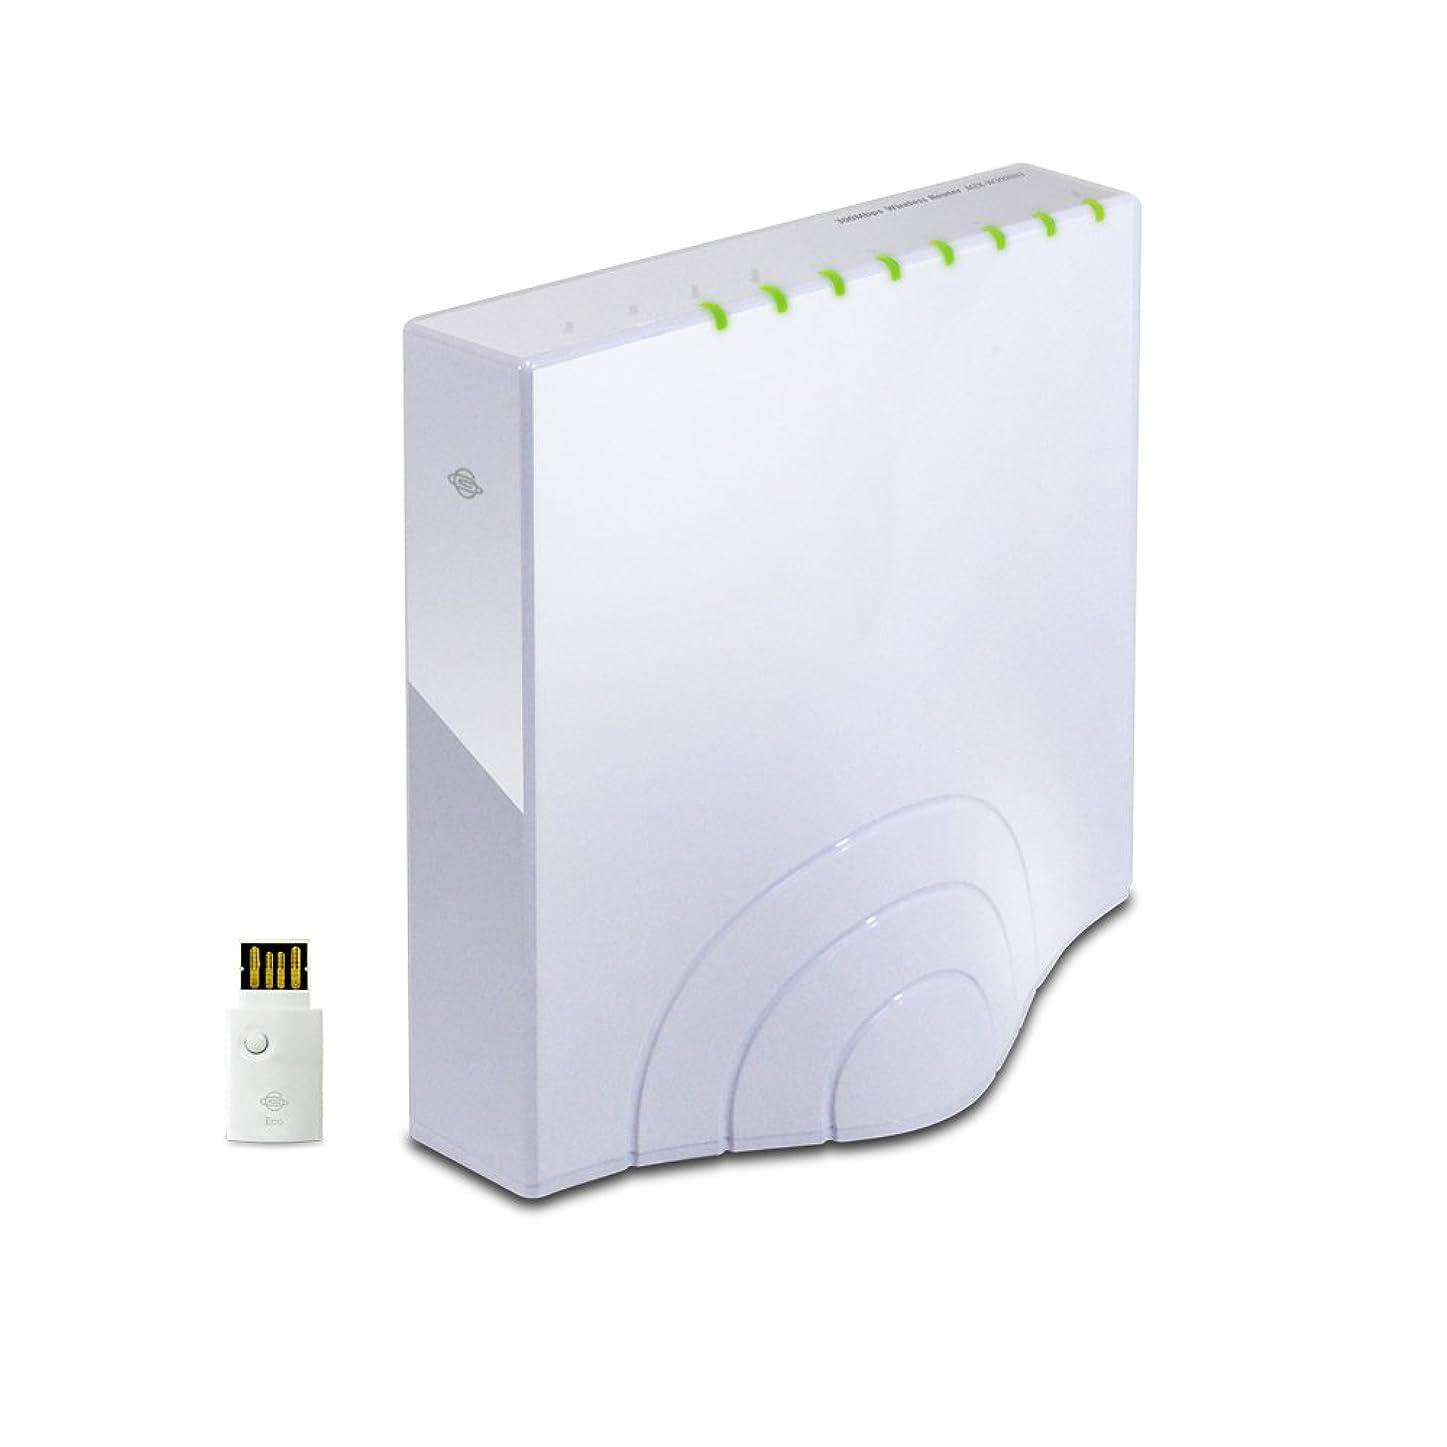 PLANEX Wi-Fi 300Mbpsハイパワー無線LANルータ/アクセスポイント/コンバータ(自動判別/省エネ)+USB子機セットMZK-W300NH3PU